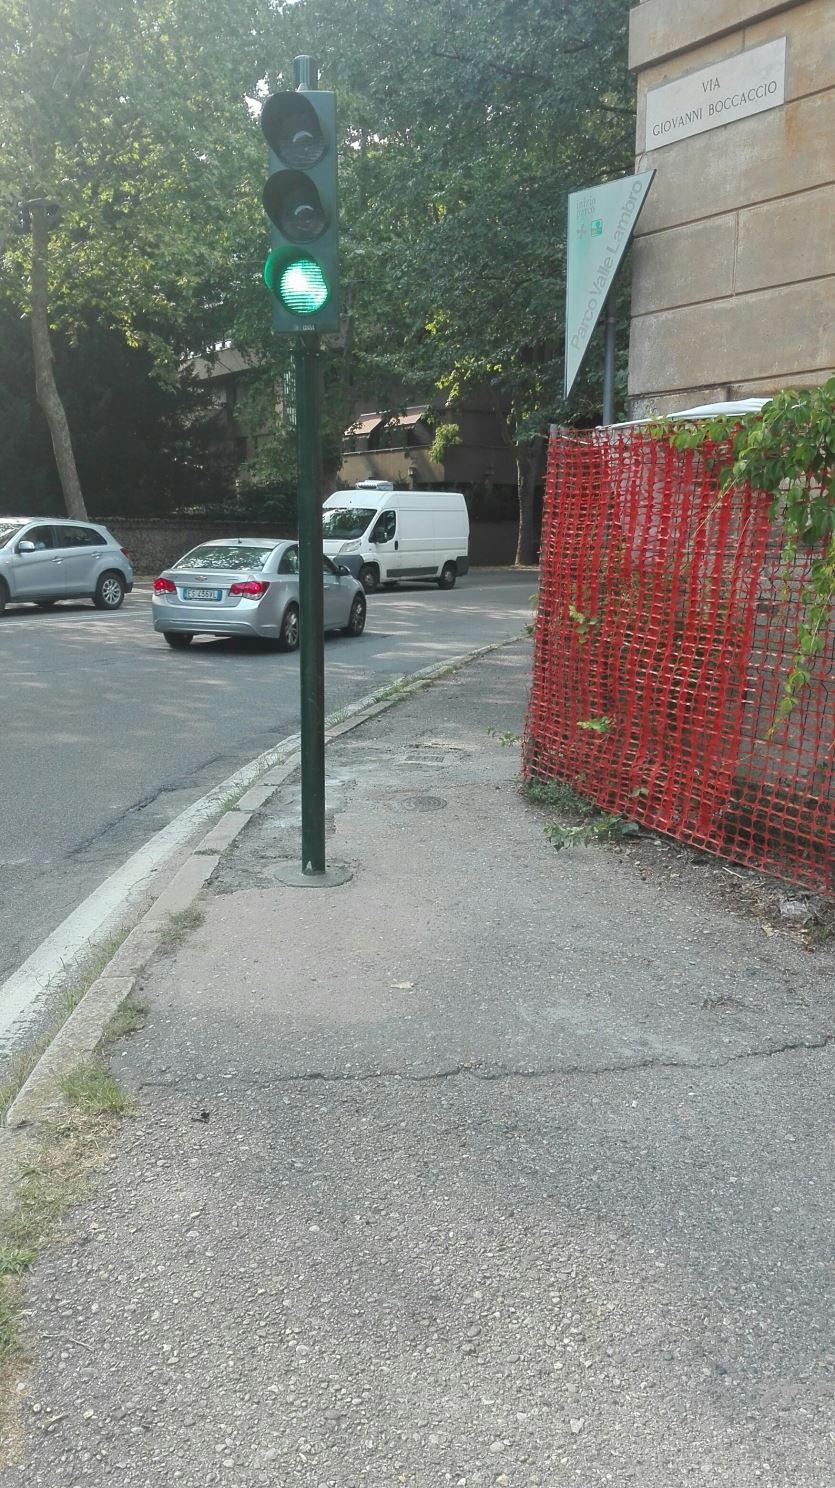 Il semaforo ostacolo per le carrozzine è stato spostato